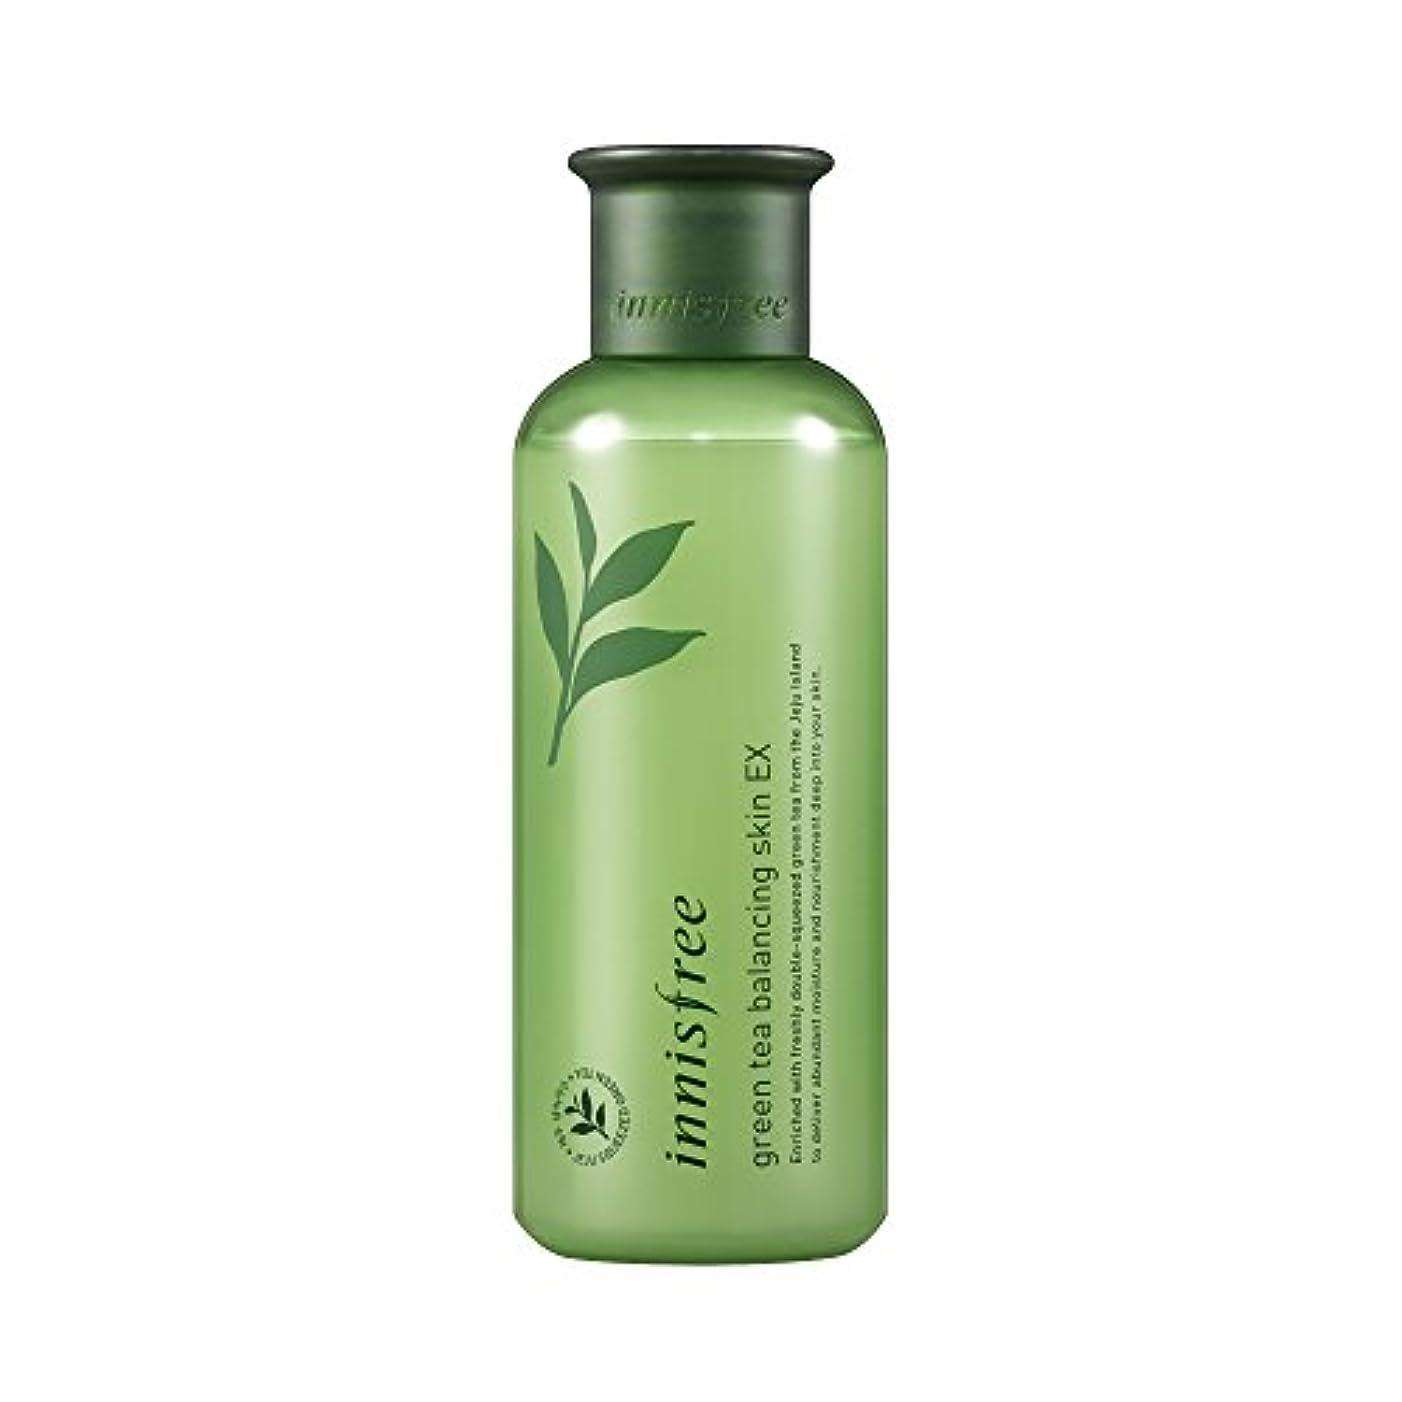 失望させる矢印嵐のイニスフリー日本公式(innisfree) グリーンティー バランシングスキン[化粧水]200mL